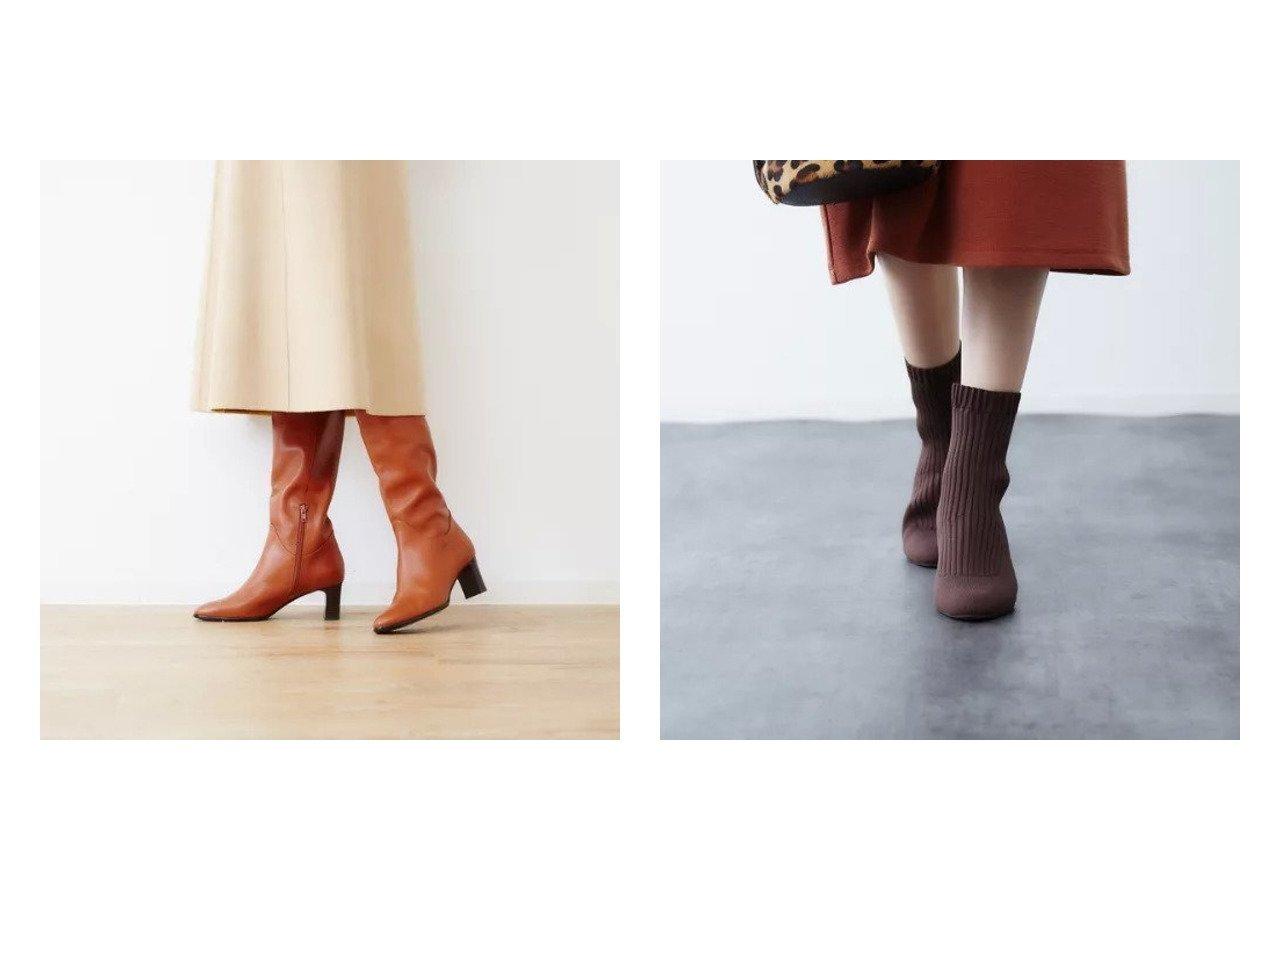 【Piche Abahouse/ピシェ アバハウス】のリブ編みソックスブーツ&セミルーズロングブーツ シューズ・靴のおすすめ!人気、トレンド・レディースファッションの通販  おすすめで人気の流行・トレンド、ファッションの通販商品 メンズファッション・キッズファッション・インテリア・家具・レディースファッション・服の通販 founy(ファニー) https://founy.com/ ファッション Fashion レディースファッション WOMEN ソックス Socks シューズ チェック ミドル ロング 楽ちん |ID:crp329100000010840